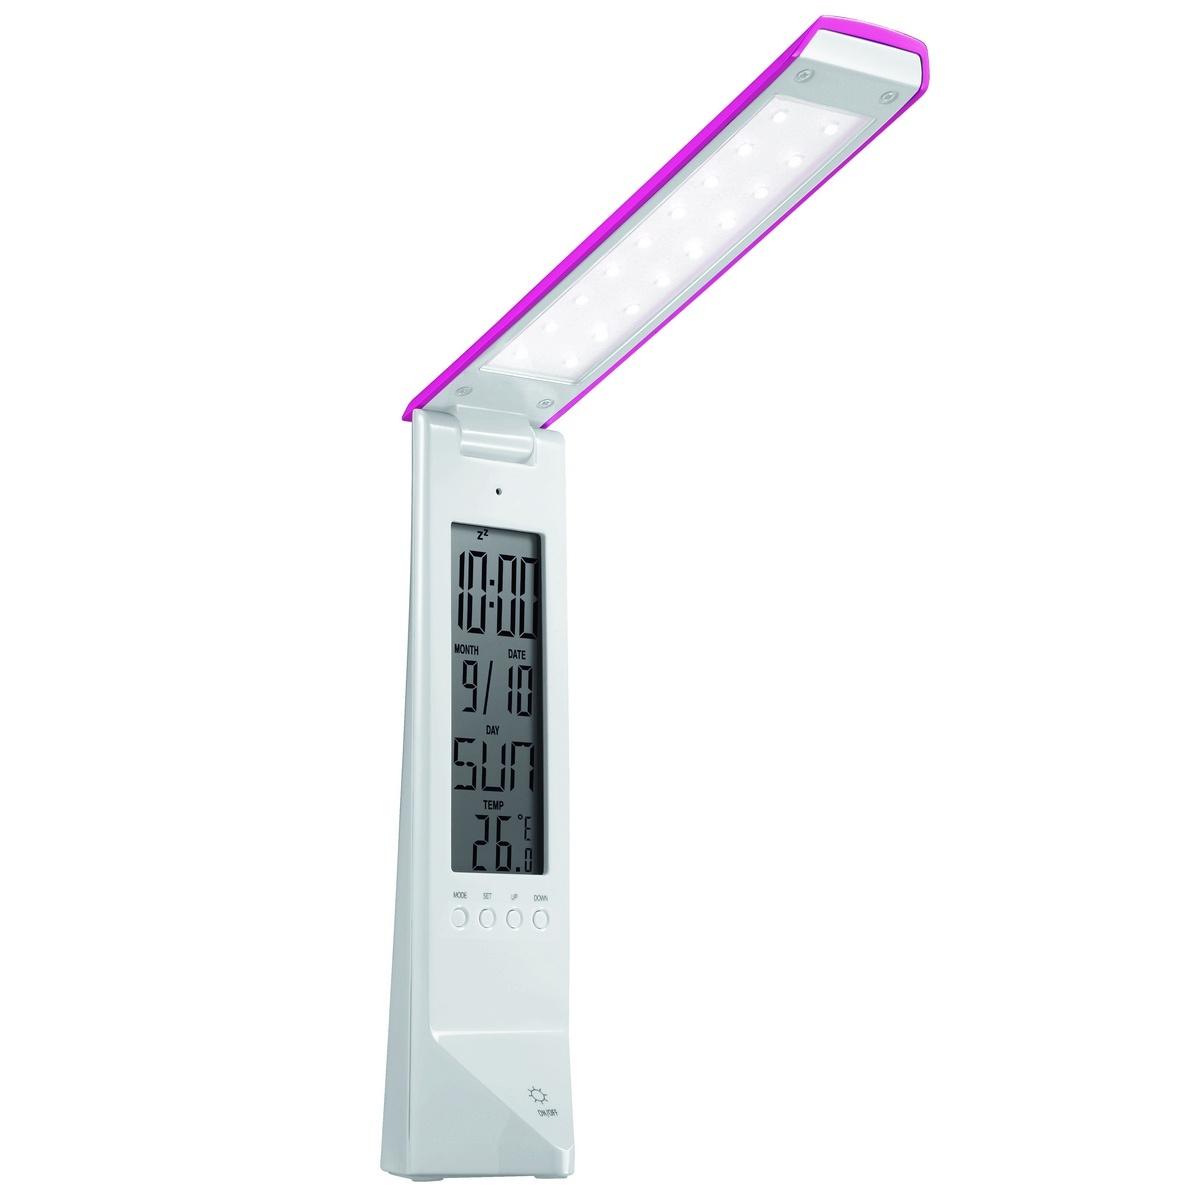 PANLUX DAISY multifunkčný stolná lampička s displejom, bielo / ružová PN15300001